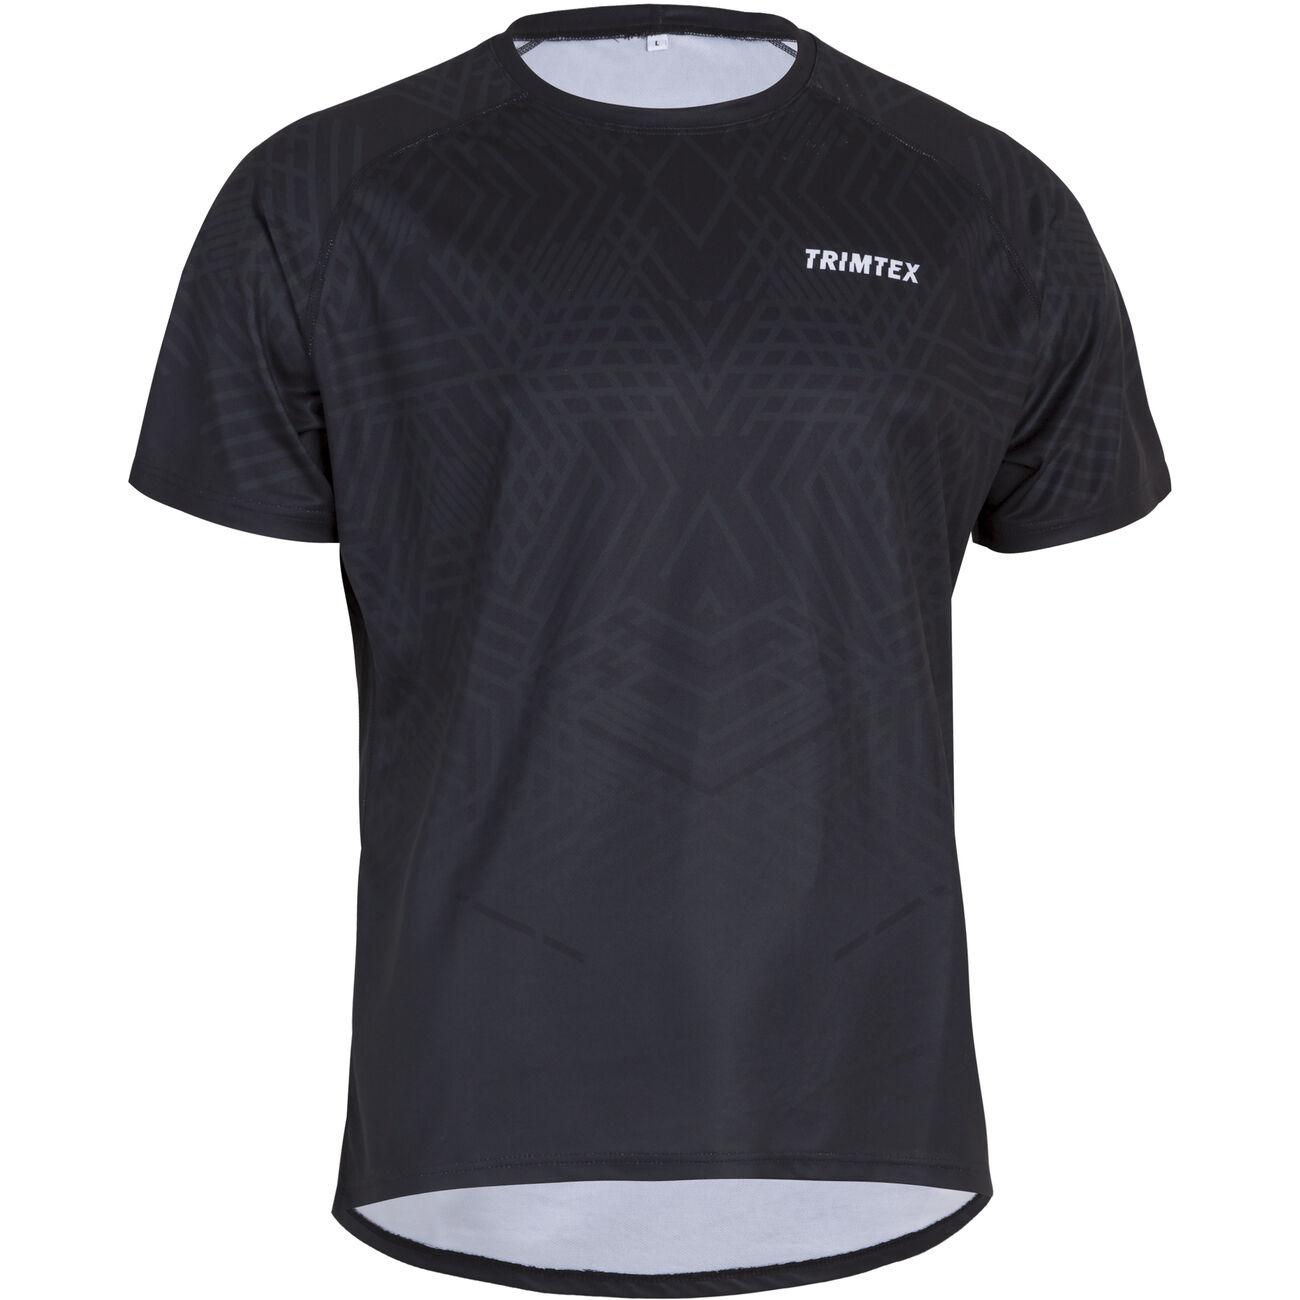 Free t-shirt men's